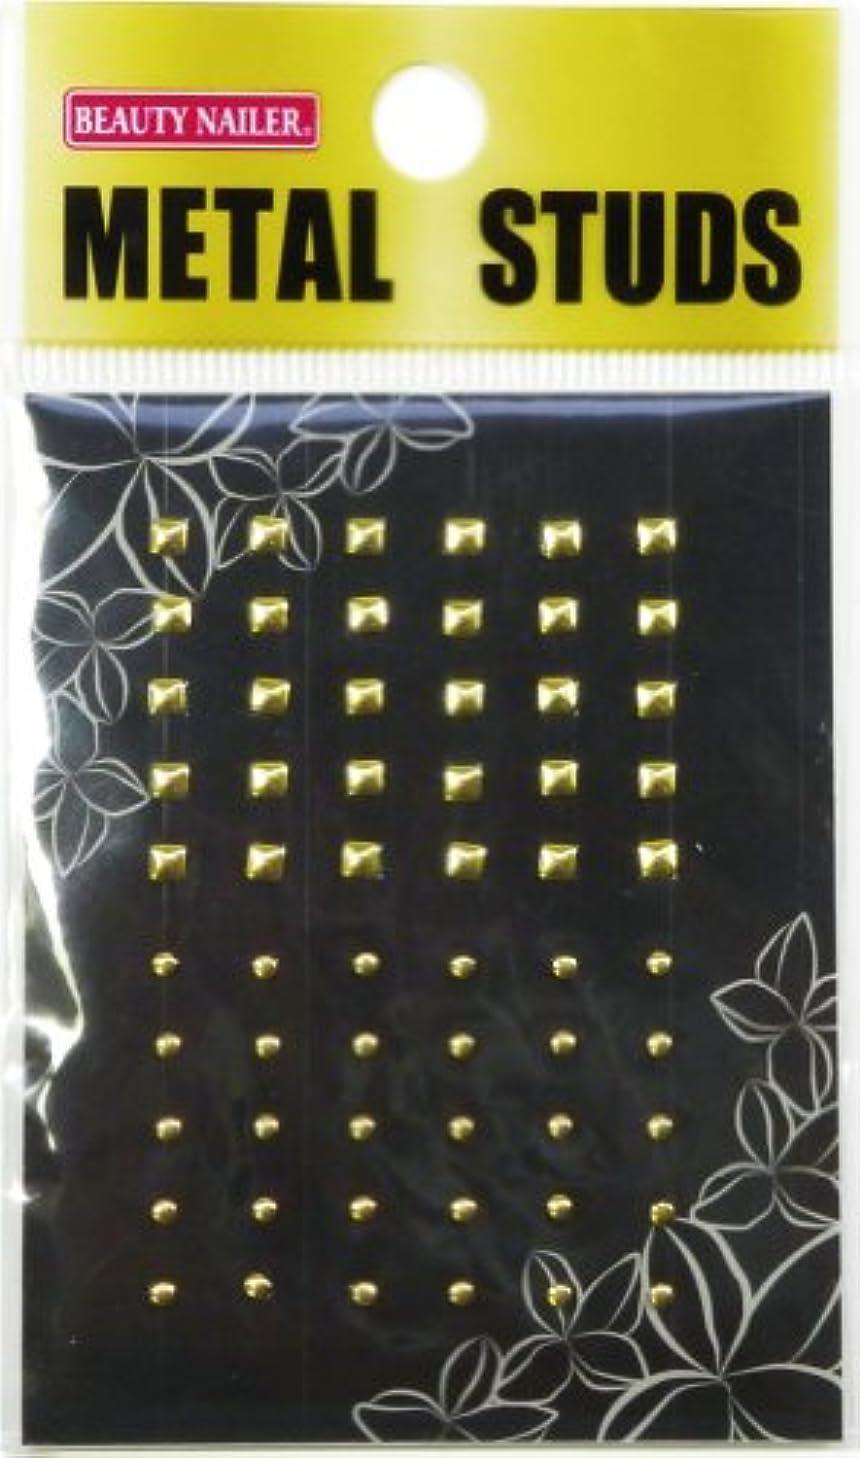 余剰めんどり証言ビューティーネイラー ネイル用ストーン メタルスタッズ(ゴールド) MN-2